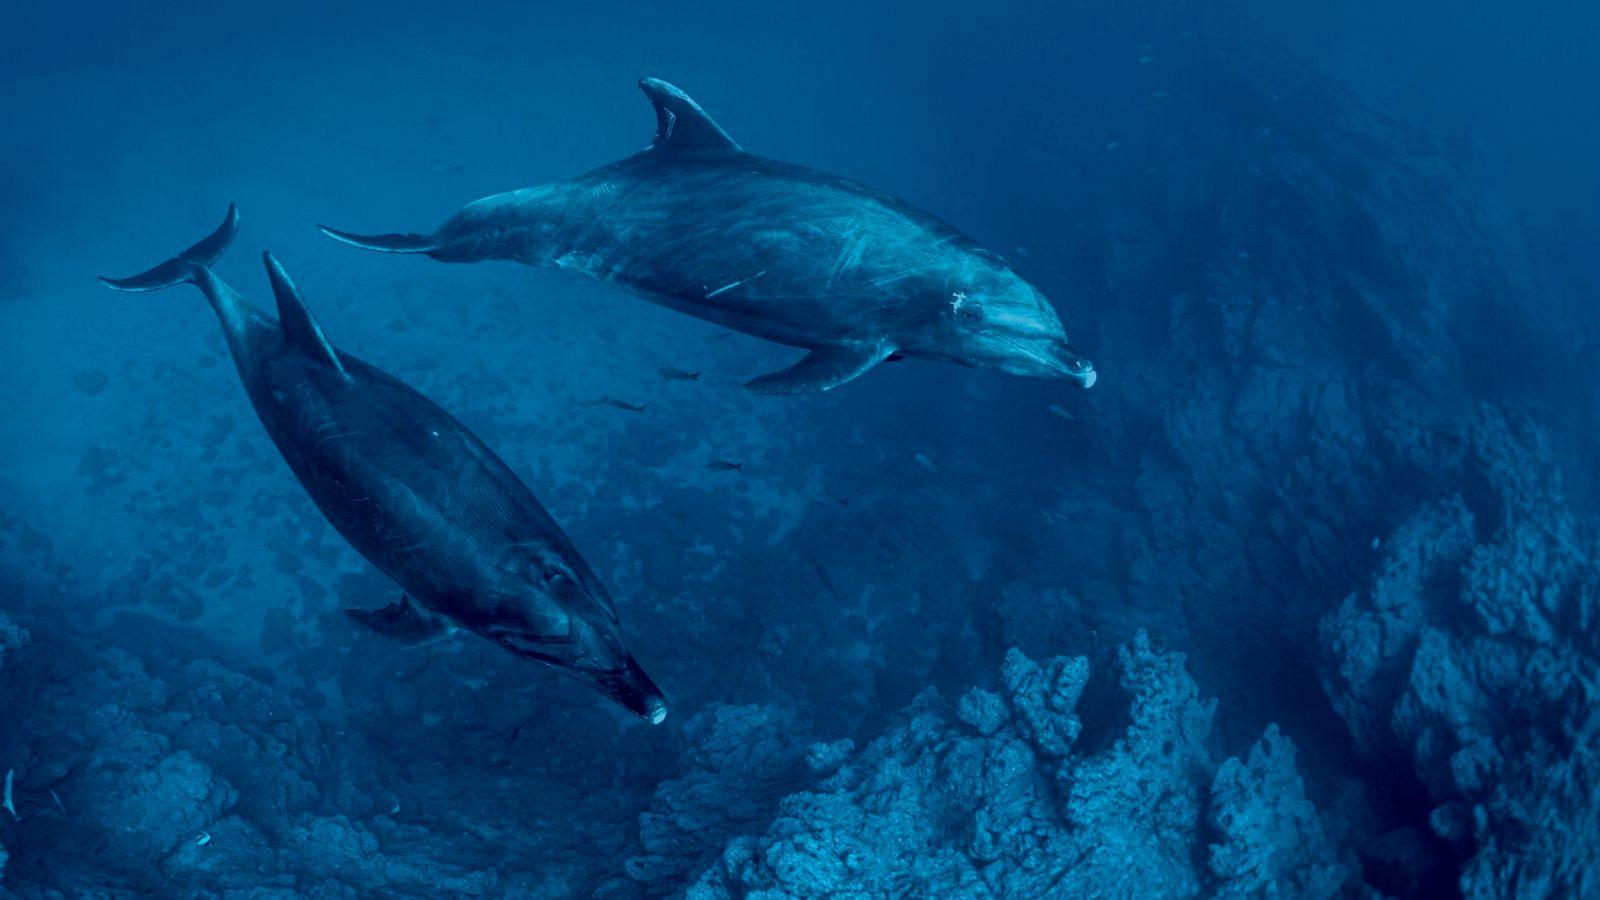 Golfinhos nariz-de-garrafa